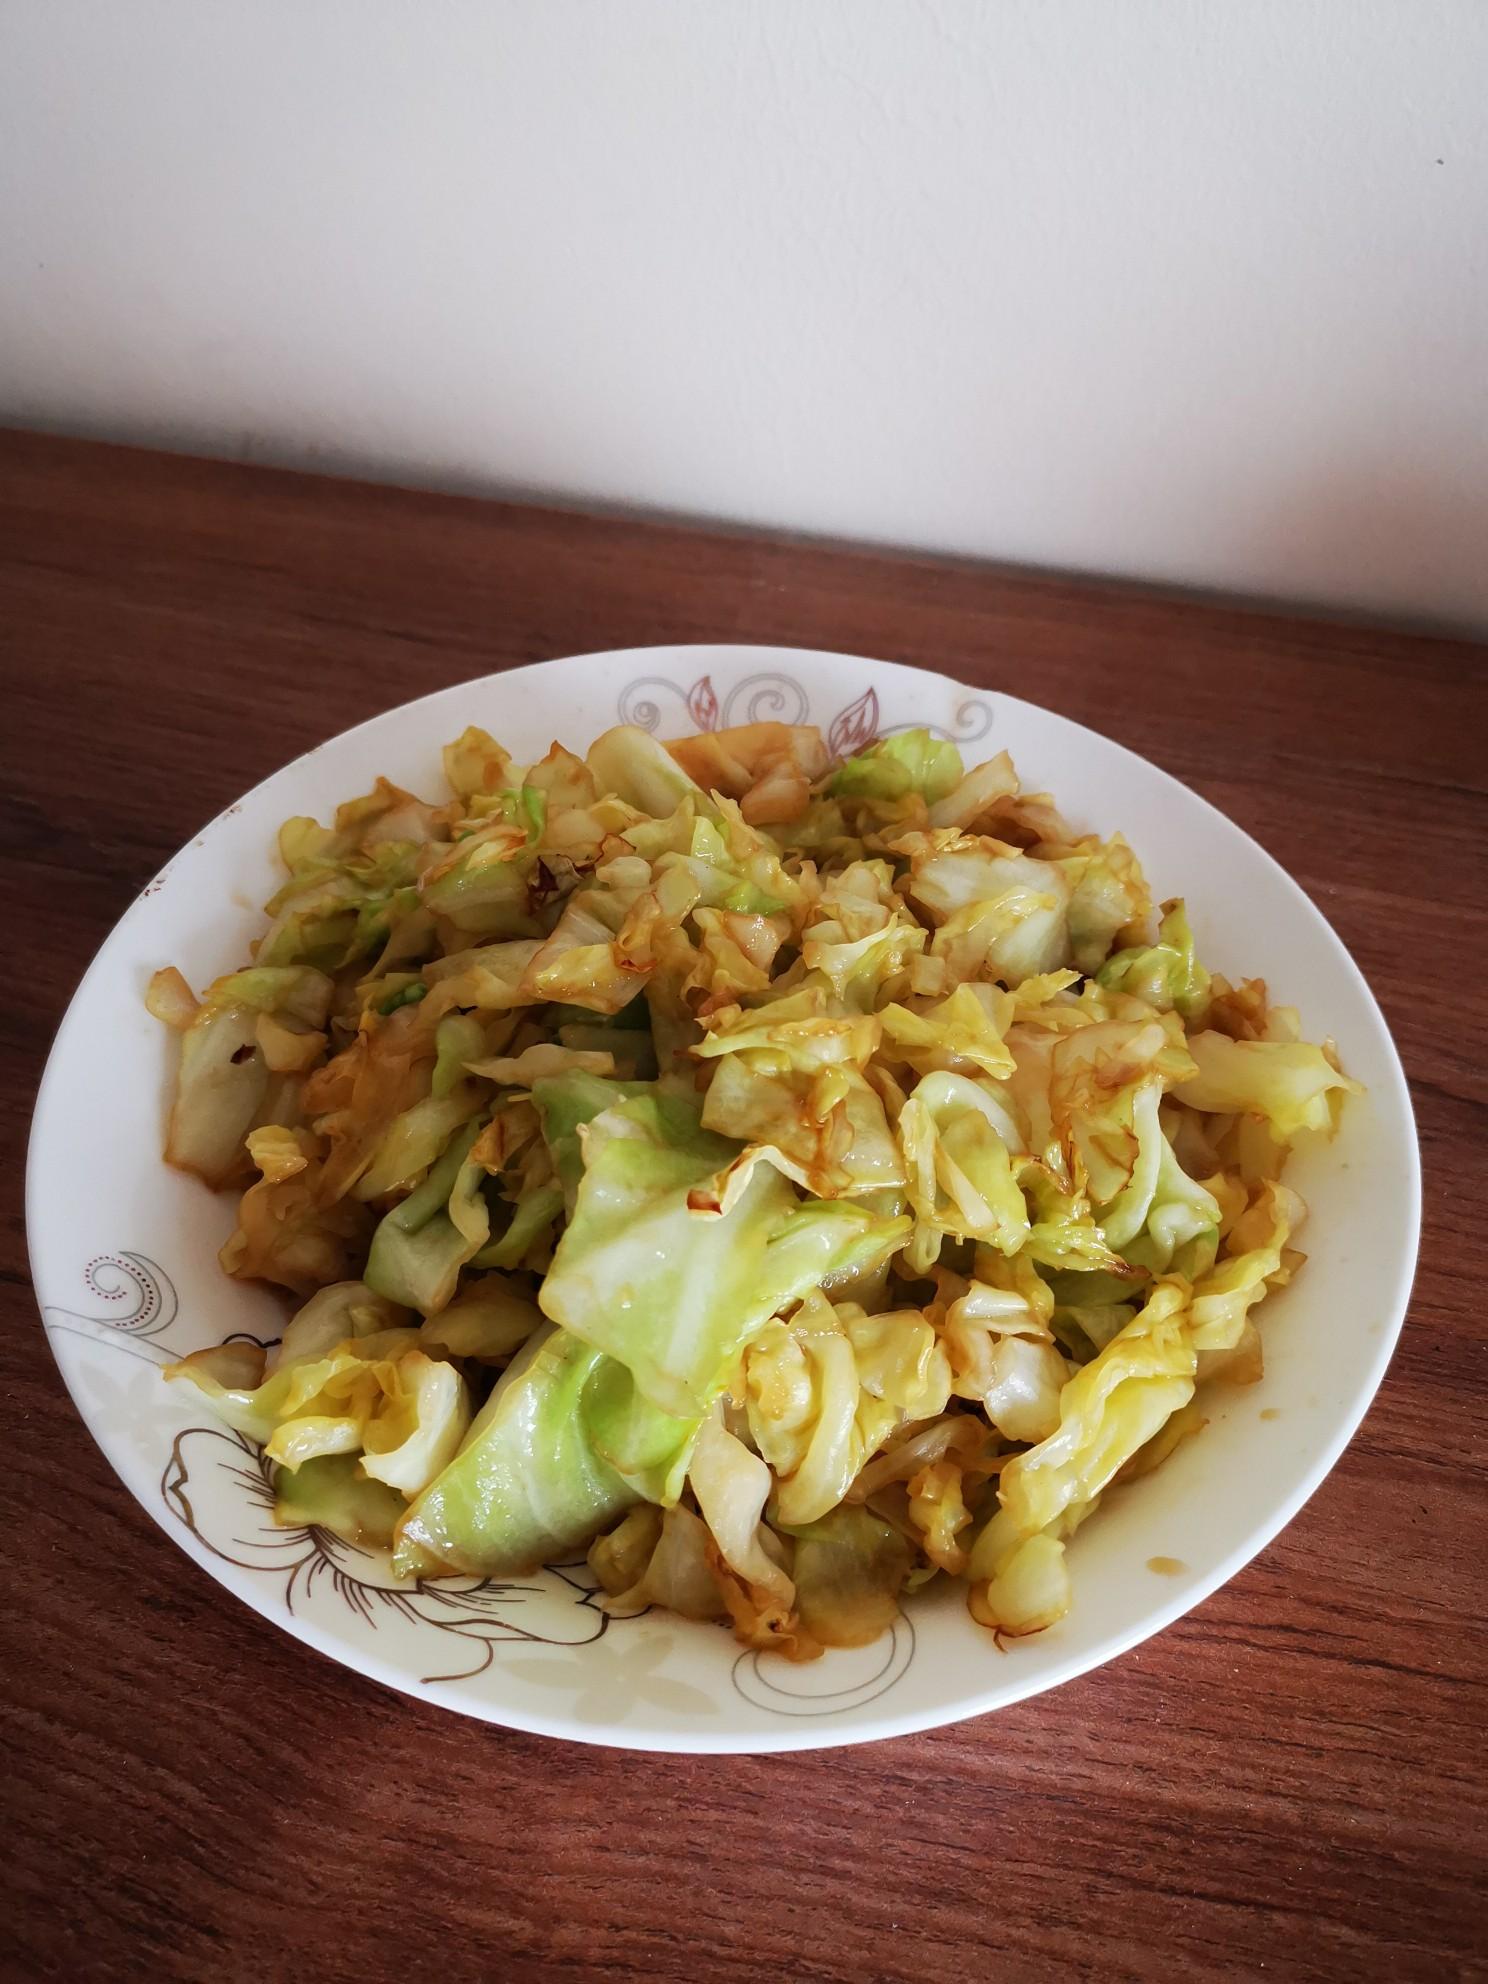 清炒卷心菜成品图